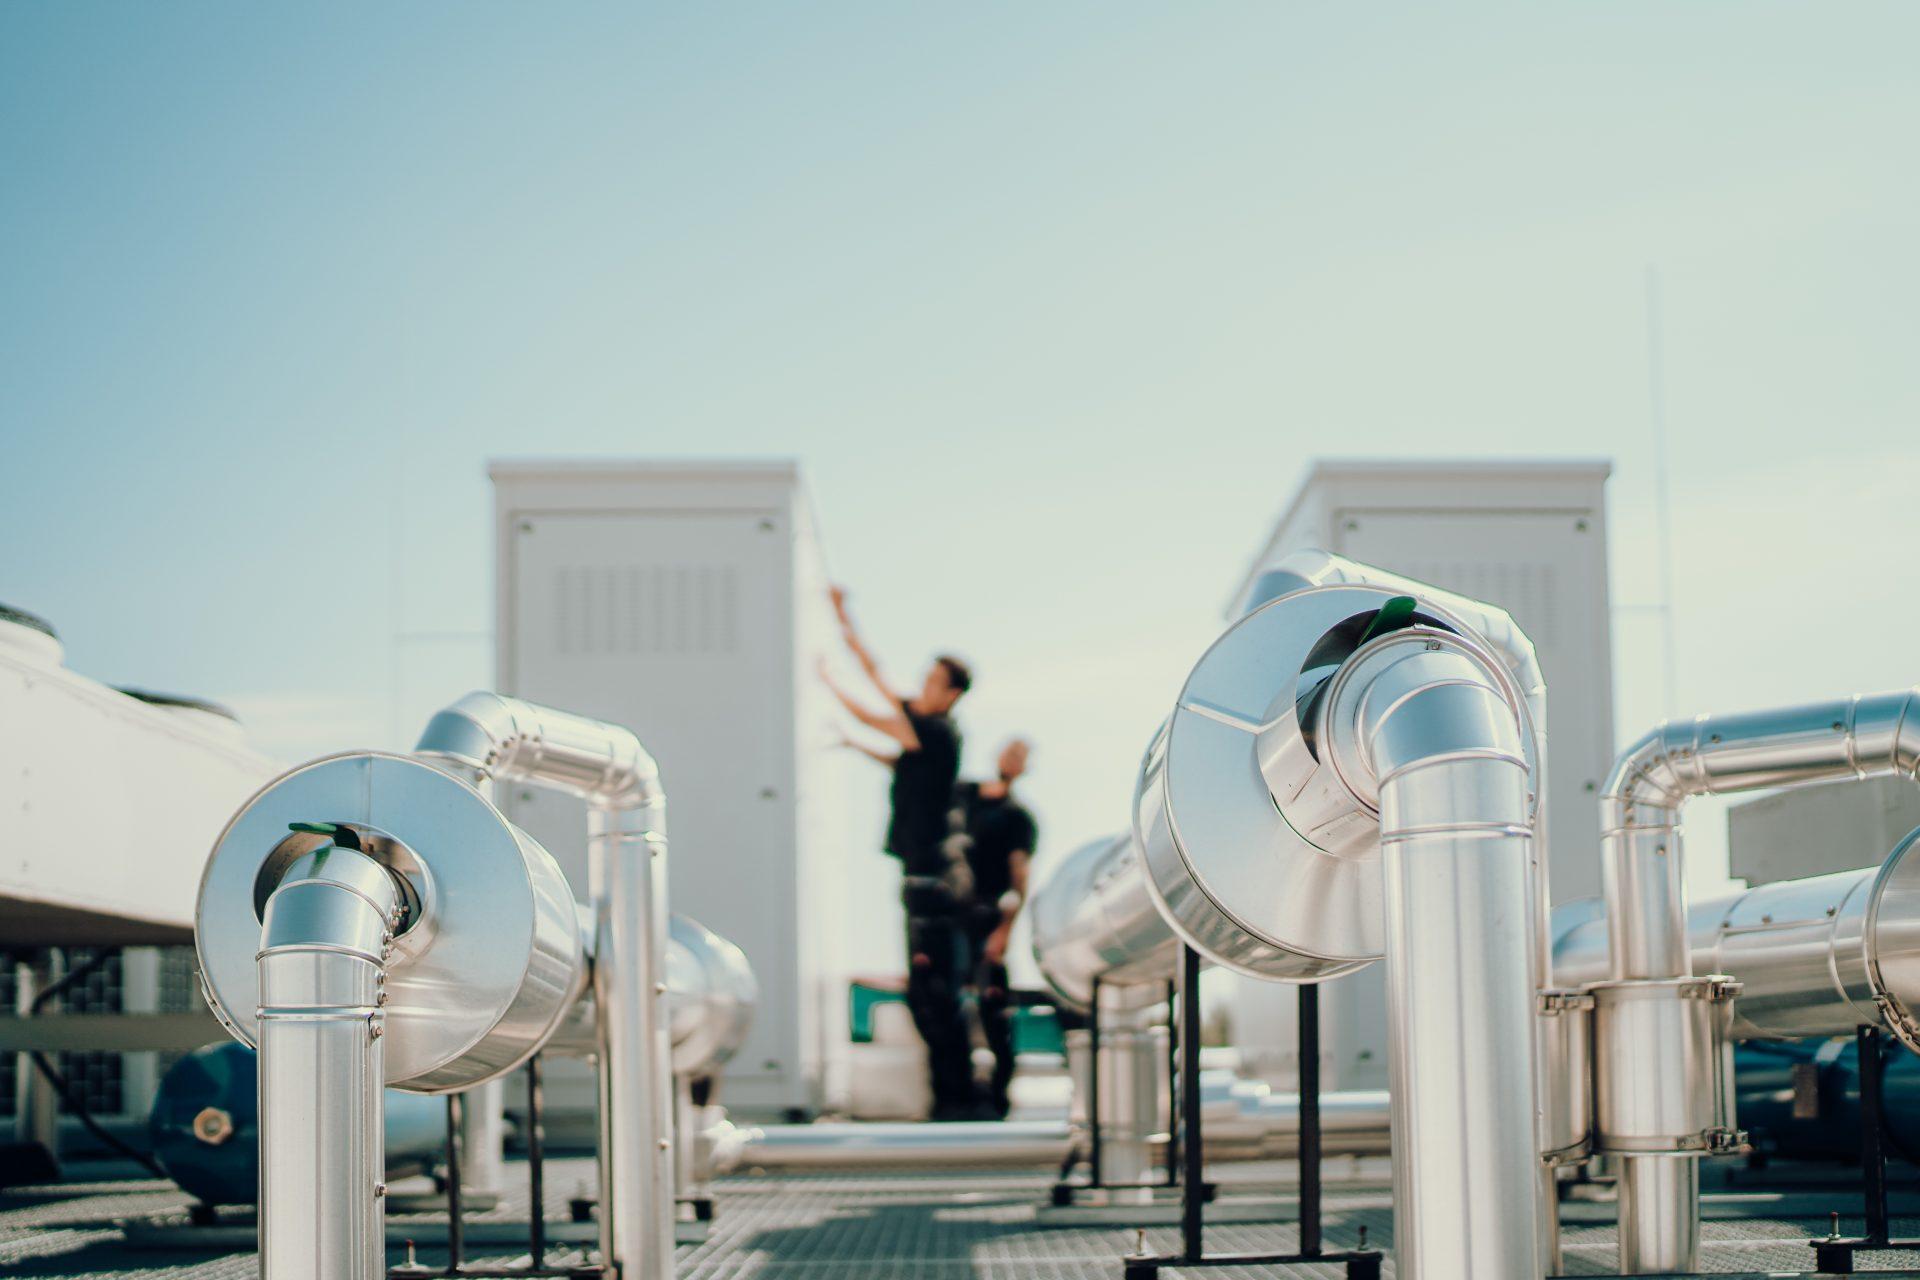 Wartung von Industriebekühlung auf einem Dach durch das G-KKT Team